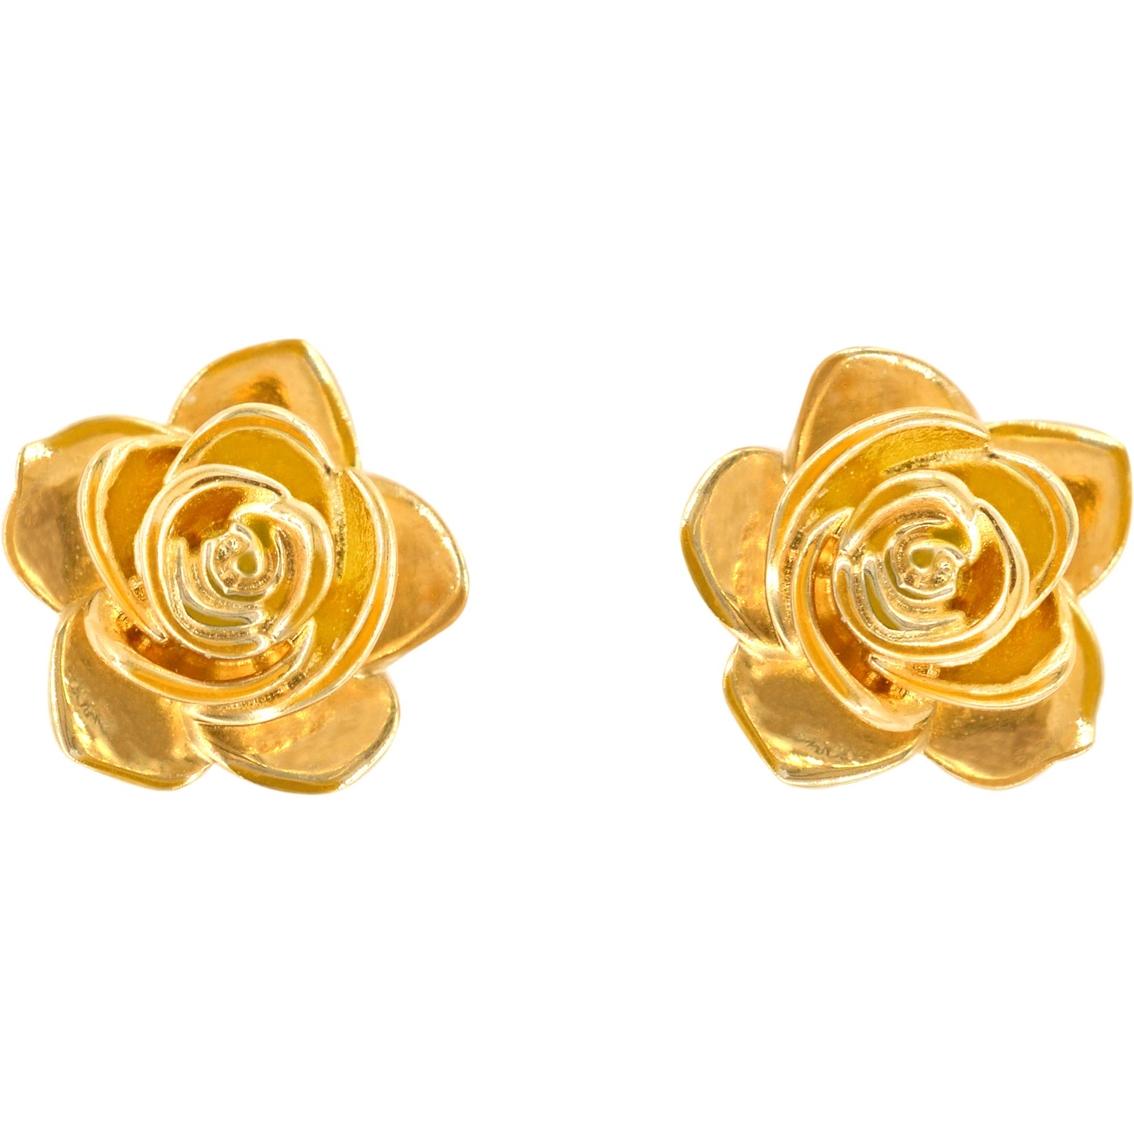 14k Yellow Gold Flower Earrings Gold Earrings Jewelry Watches